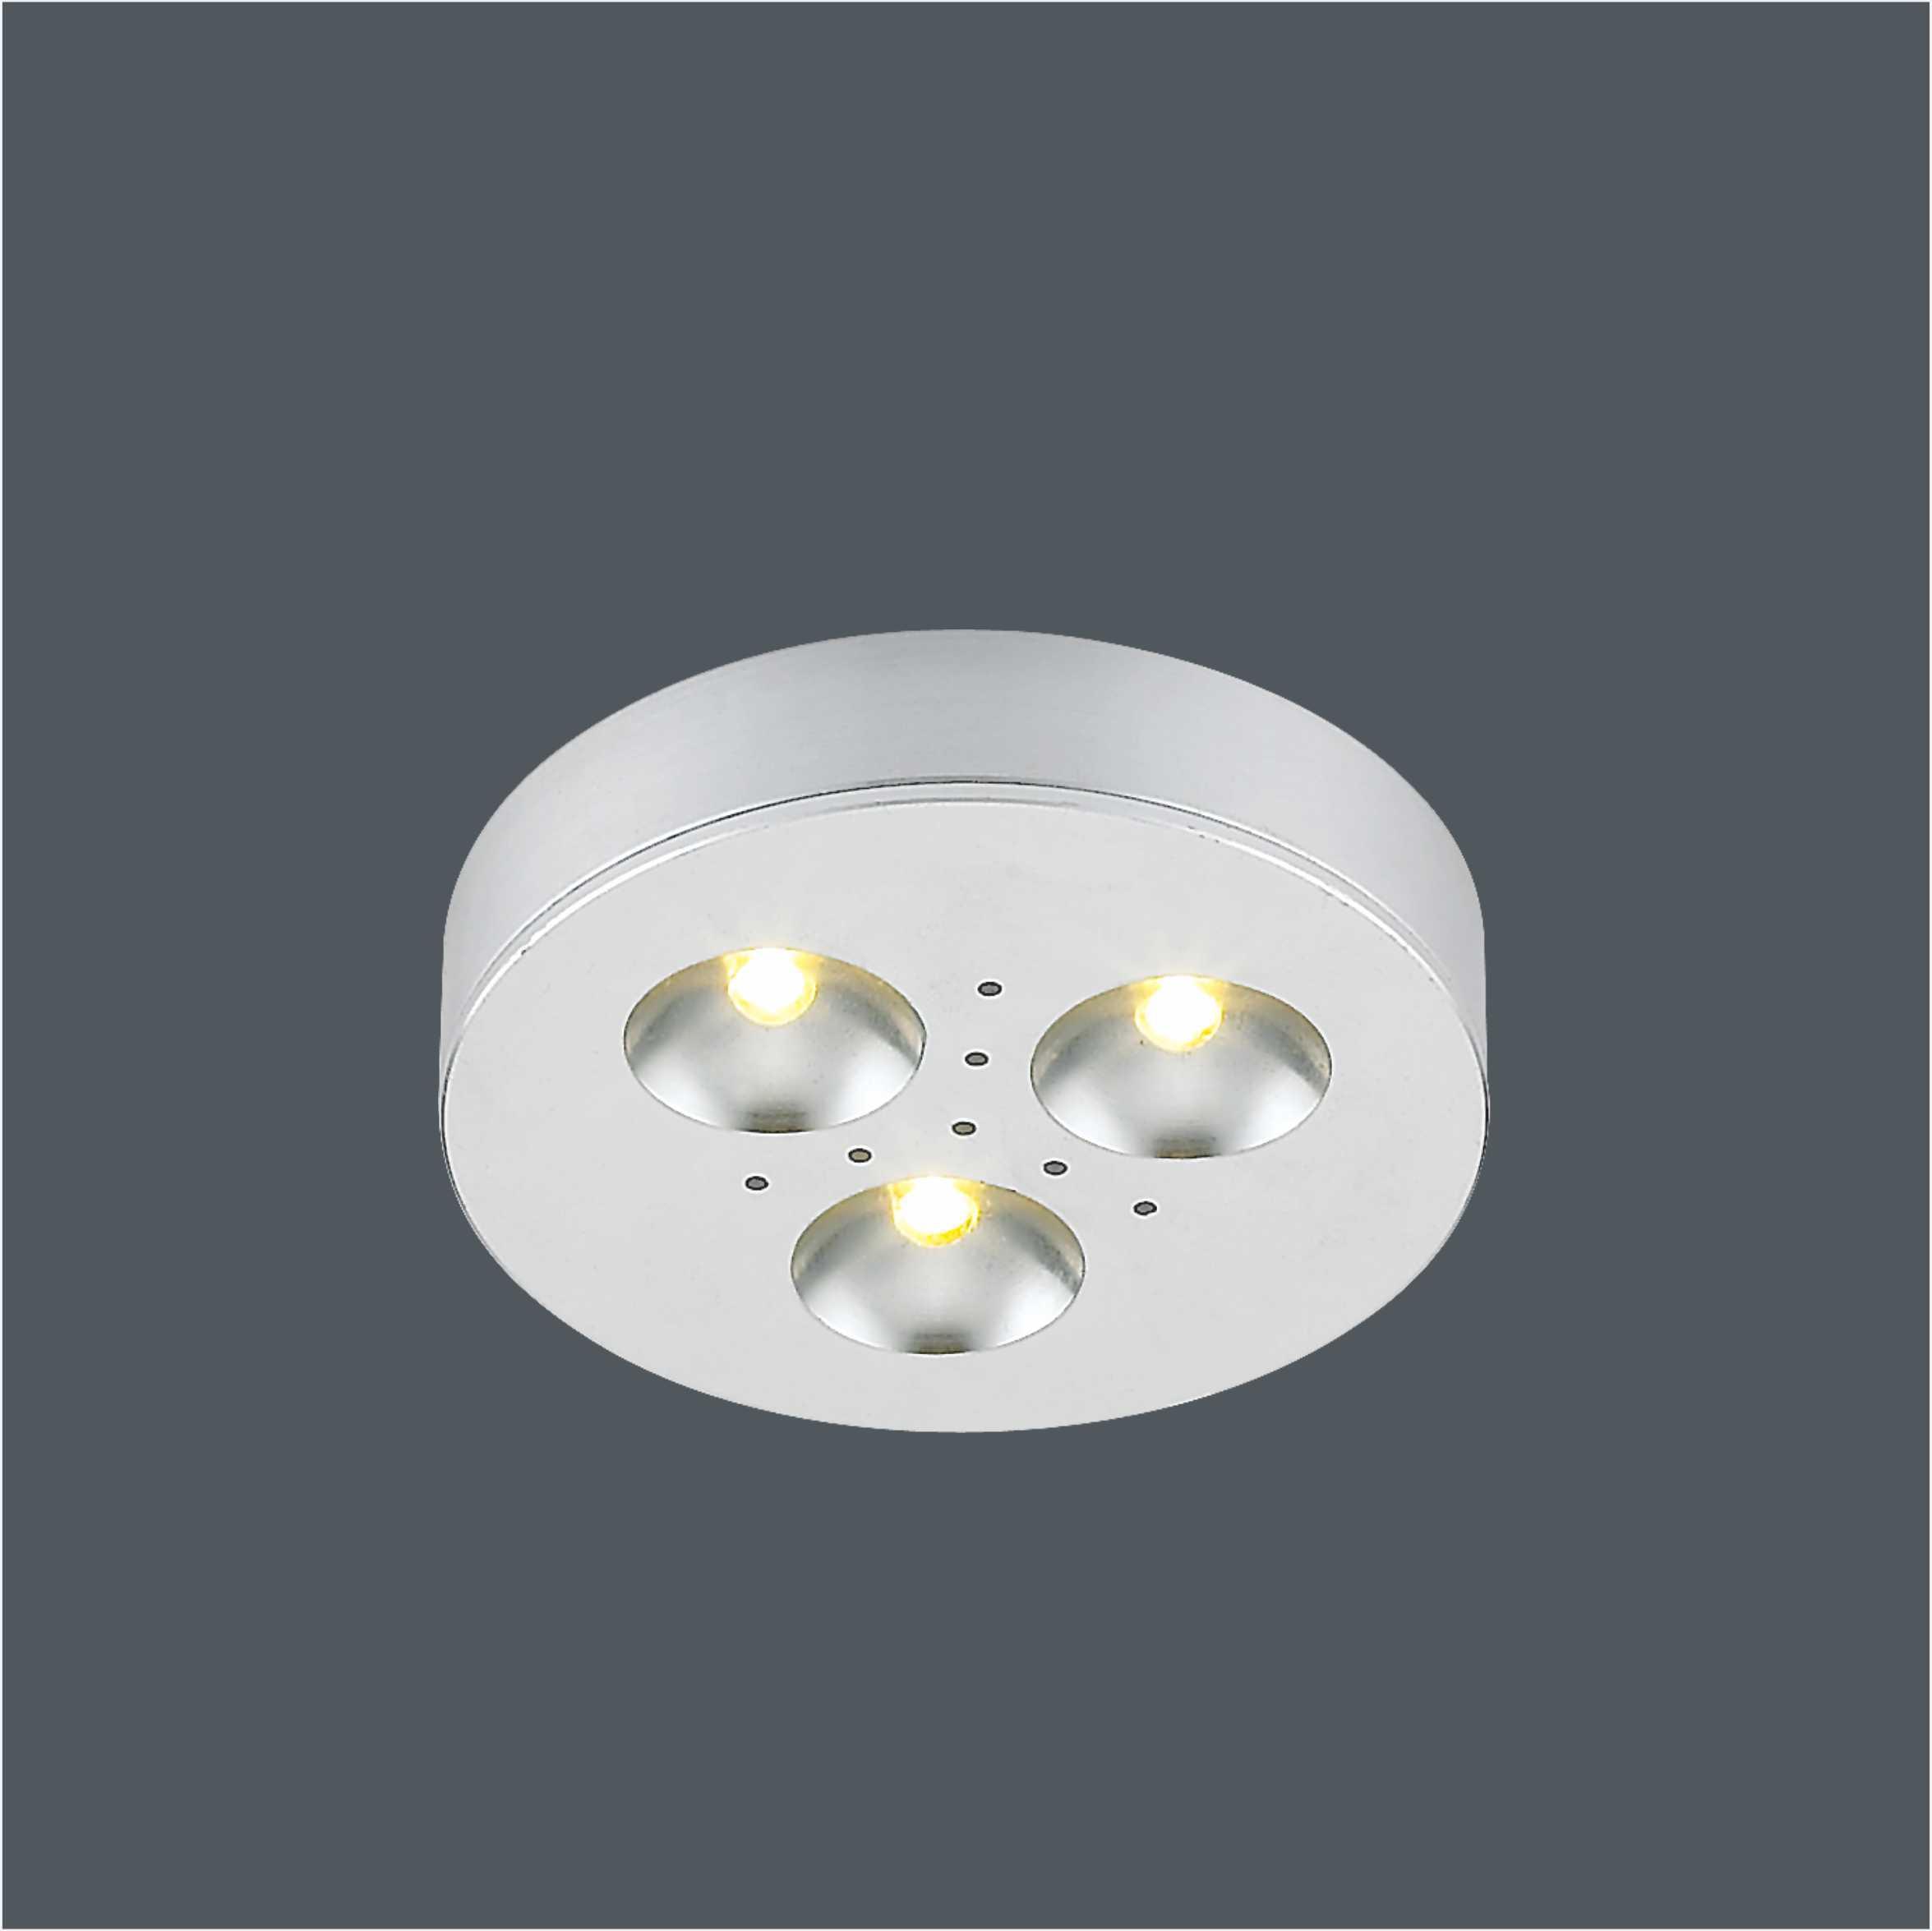 Stylish Circular Surface Mounted LED Cabinet Light 2123